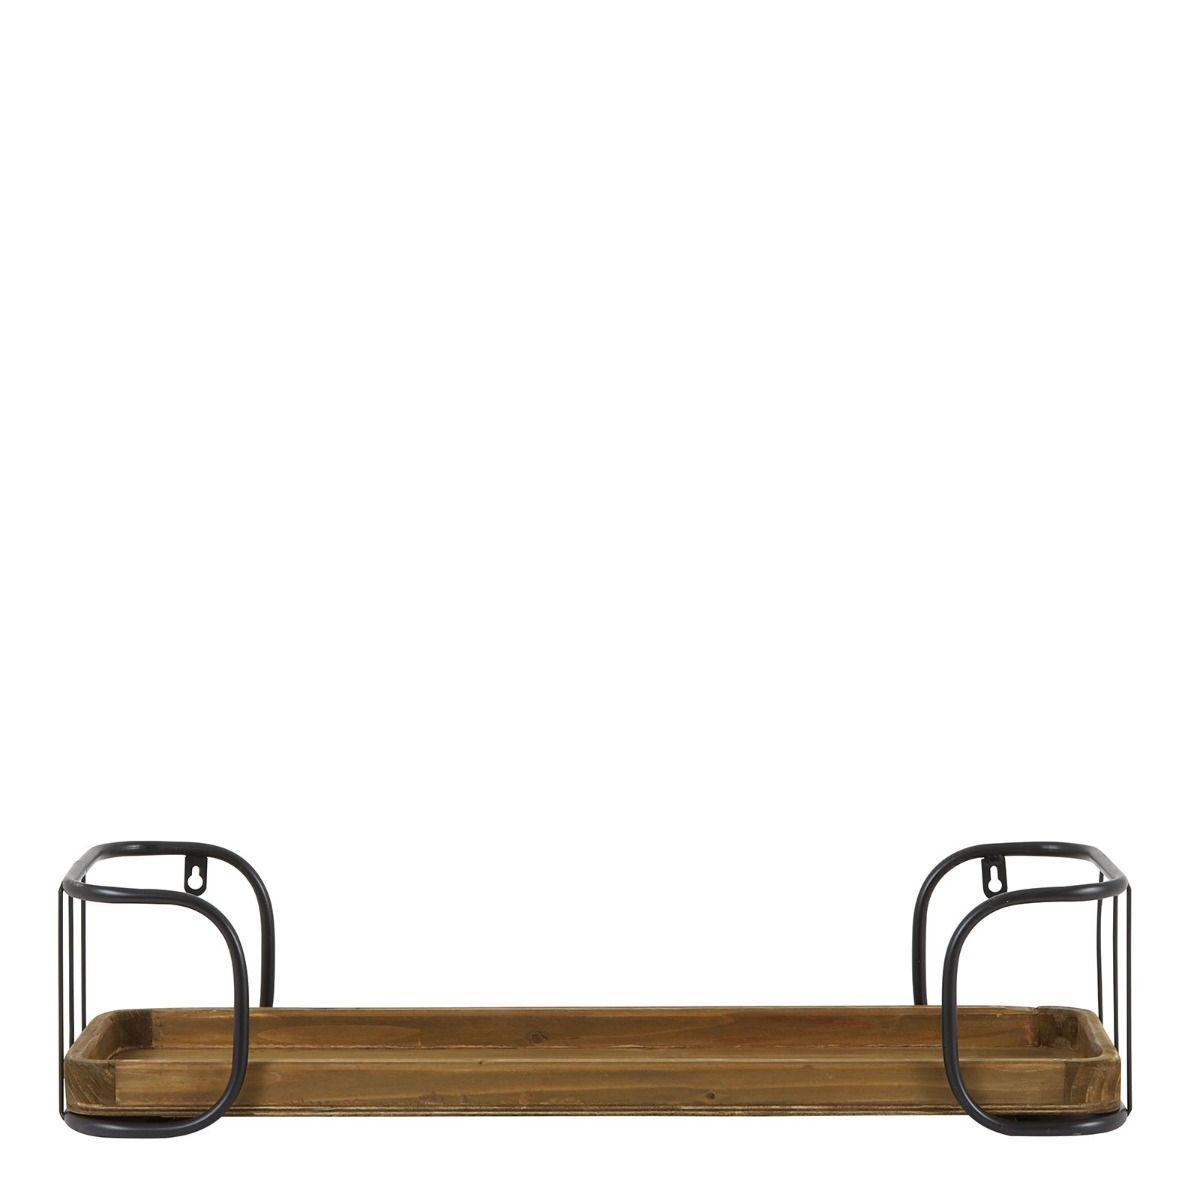 Wauw! Dit wandrek van het trendy Nederlandse merk past echt overal. In de woonkamer voor mooie woonaccessoires, in de keuken voor je mooie servies, in de slaapkamer of kinderkamer of op de badkamer voor al je potjes. Wandrek Zyra heeft een mooie structuur en is super handig! Het wandrek is gemaakt van zwart metaal en heeft mooie houten planken. Daardoor krijgt dit wandrek een natuurlijke uitstraling. Wandrek Zyra heeft een hoogte van 22, cm is 70 cm breed en heeft een diepte van 15,5 cm.